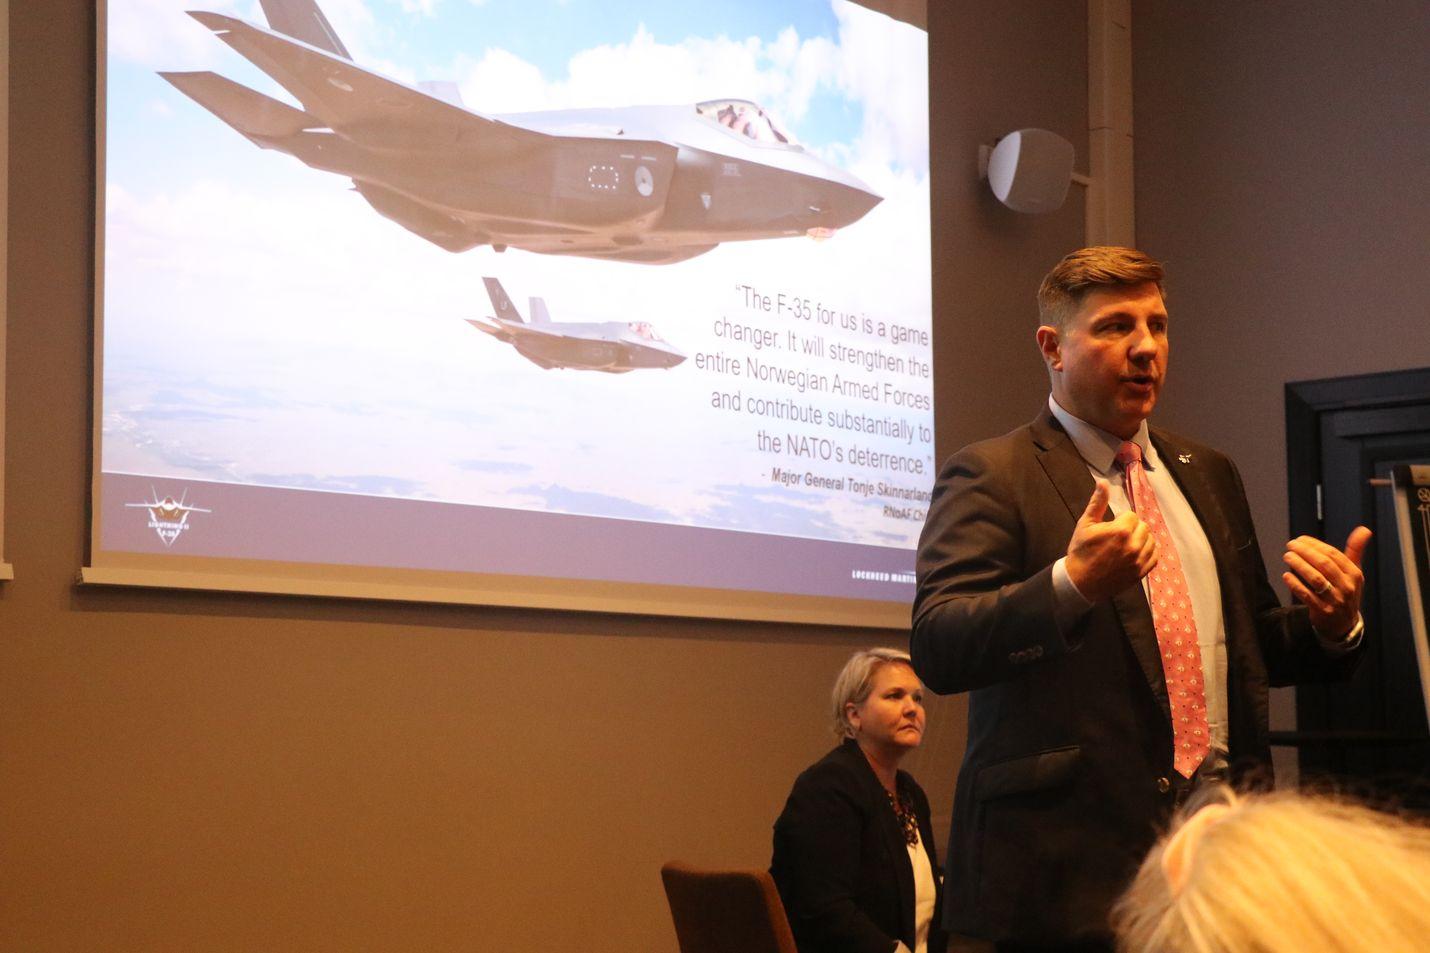 Olemme saanet valmistamiskustannukset painettua jo nyt alle 90 miljoonan euroon yhdeltä koneelta. Se on hyvä uutinen myös Suomen HX-hankkeelle, Lockheed Martinin Suomen myynnistä vastaava Mark Pranke sanoo.